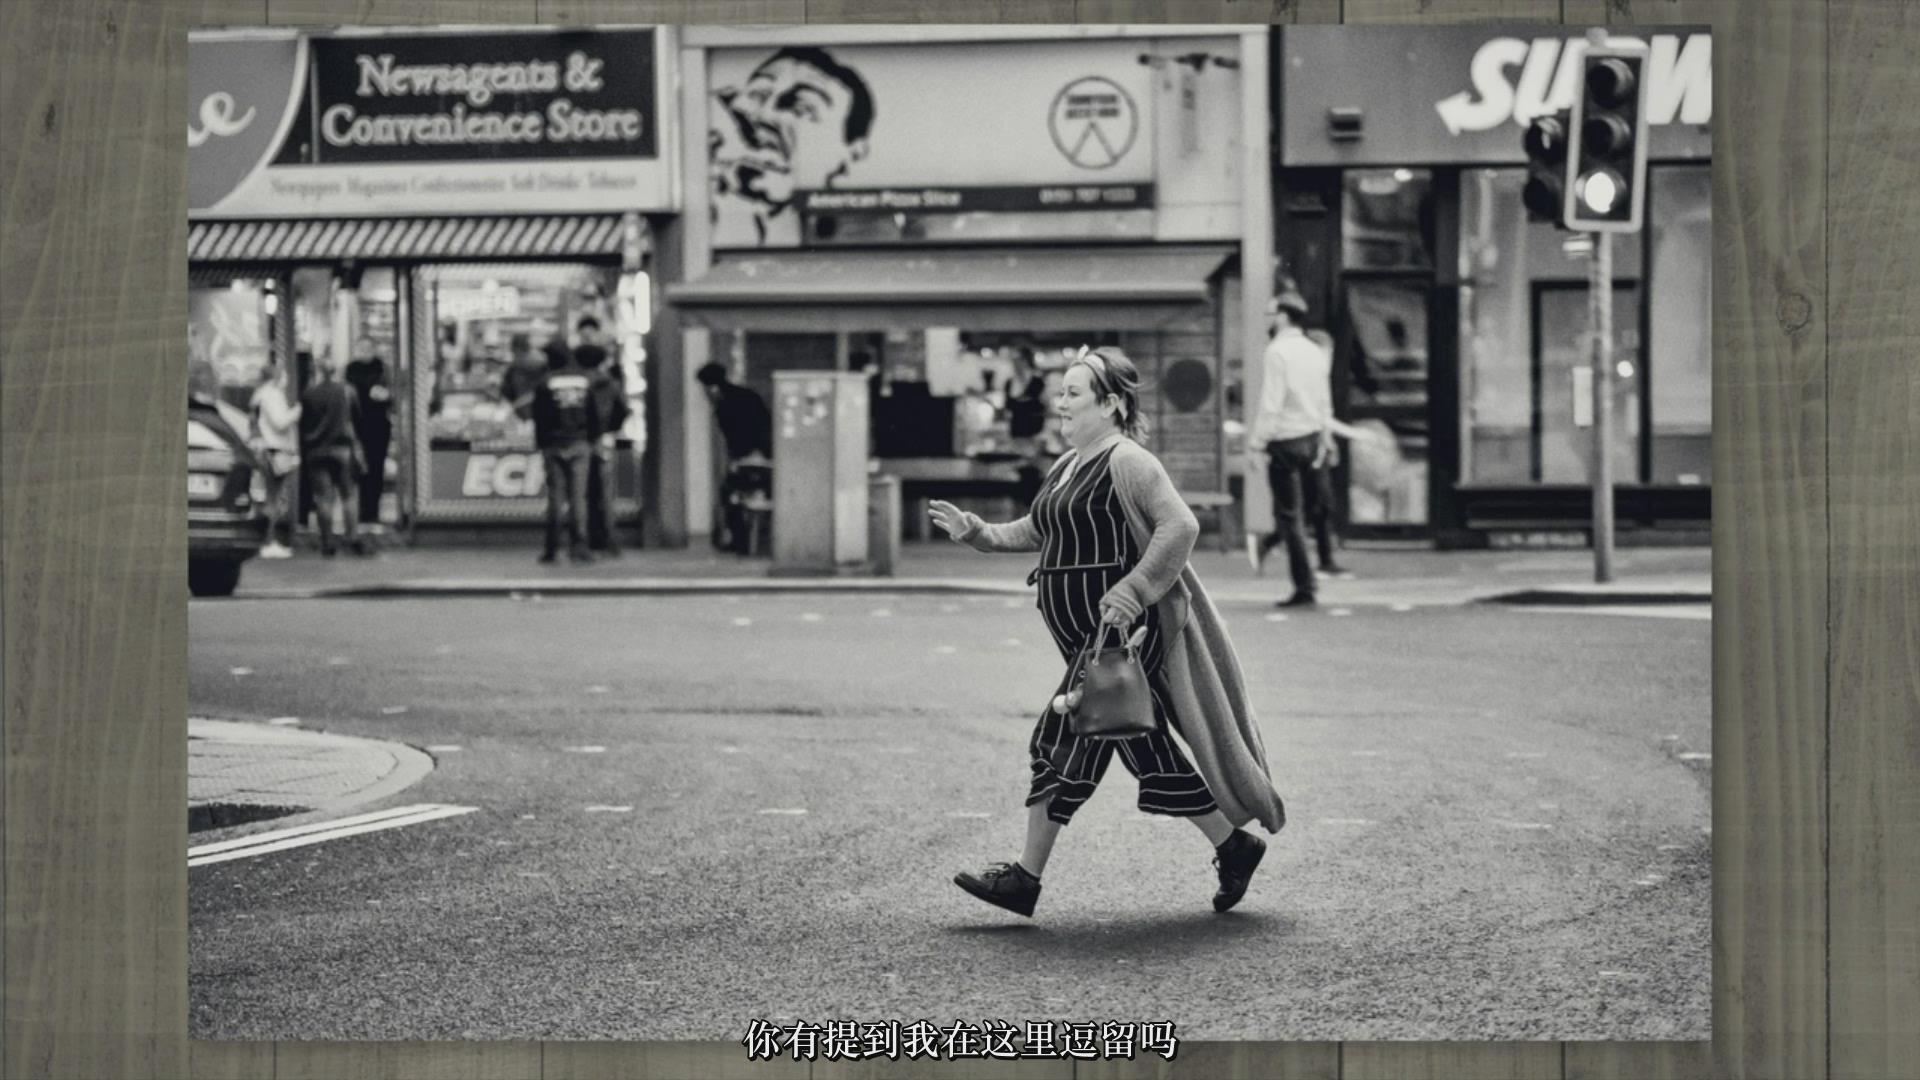 """摄影教程_Frank Minghella-""""完美照片构图""""将您摄影技术提高到一个新水平-中文字幕 摄影教程 _预览图13"""